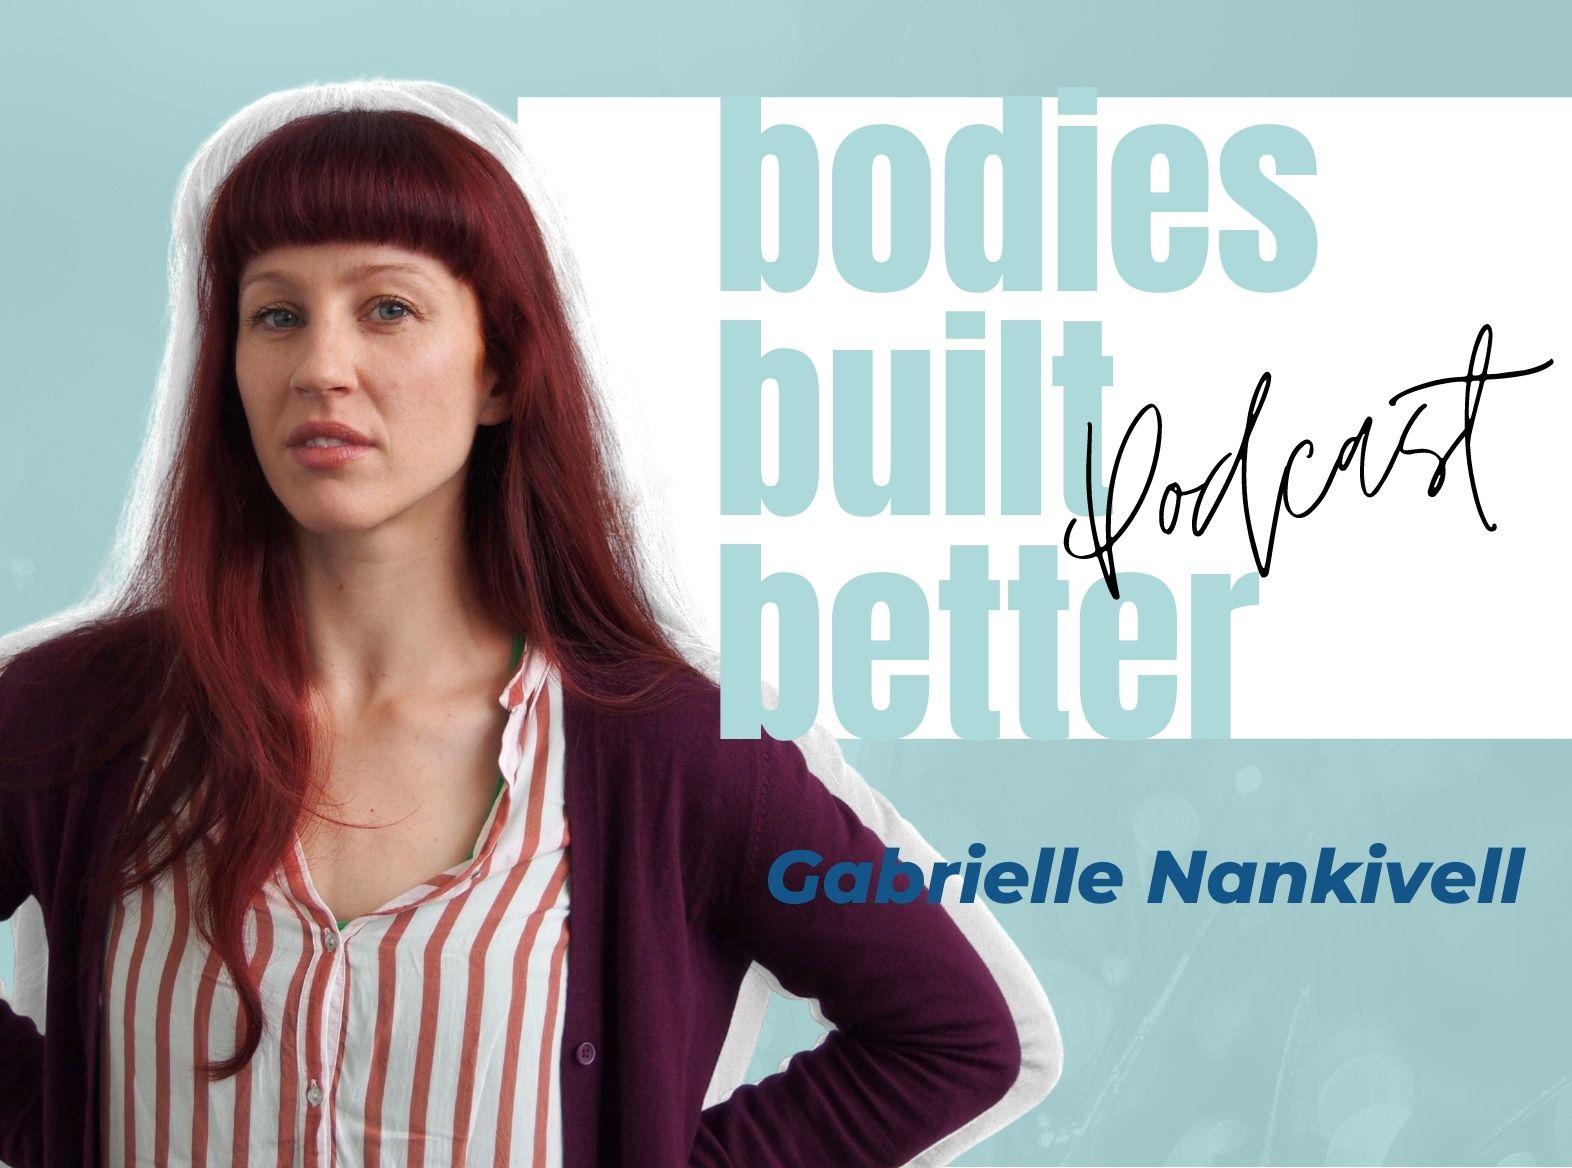 GABRIELLE NANKIVELL